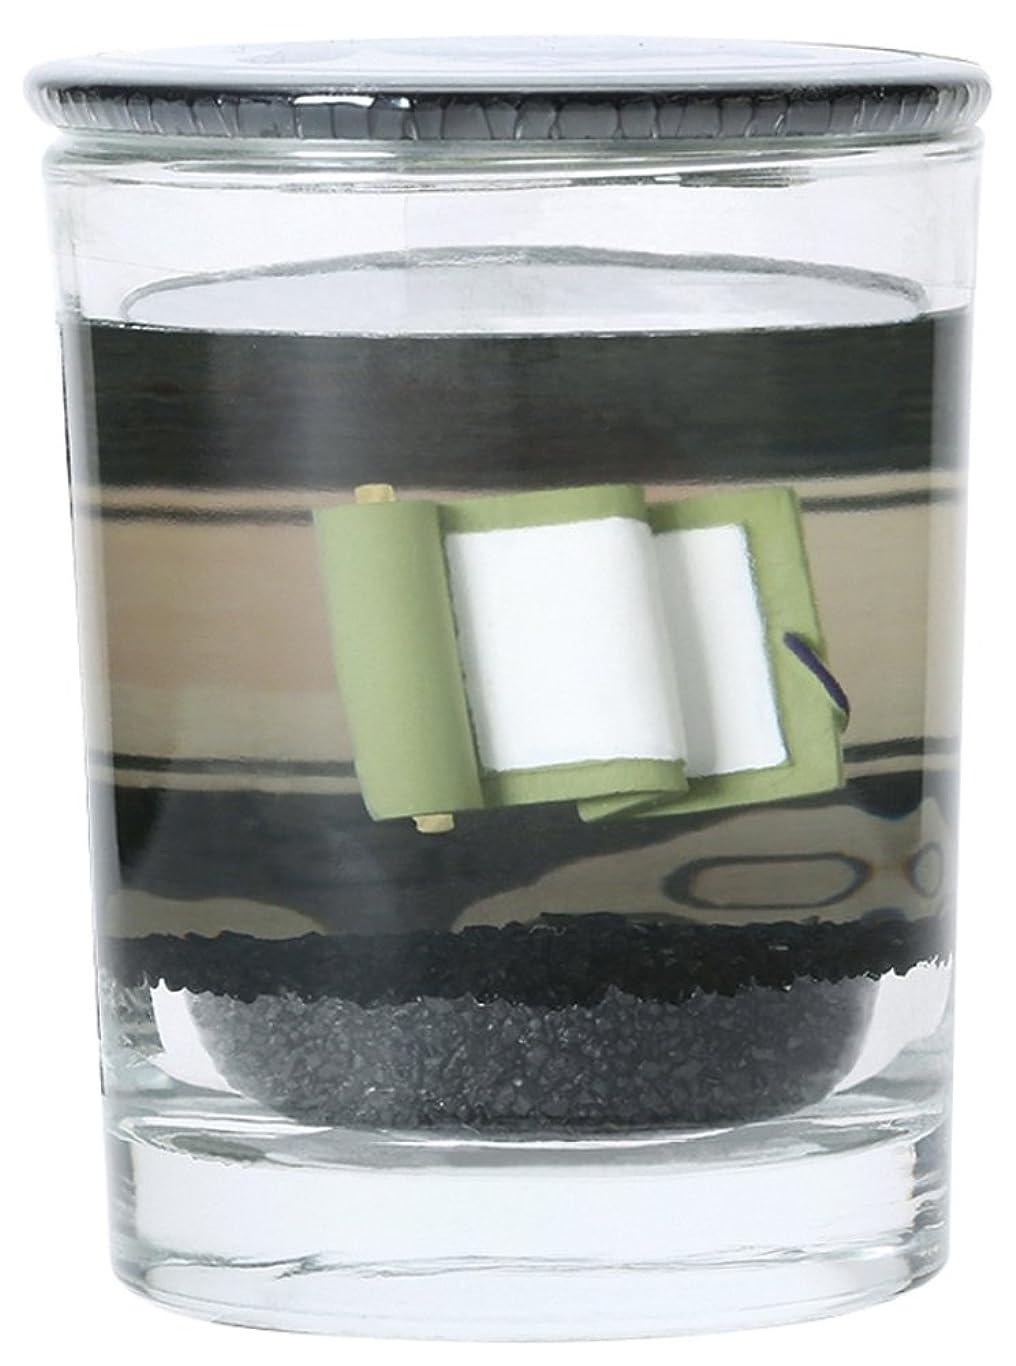 シェルター世紀好奇心ノルコーポレーション 芳香剤 フレグランスジェル 忍びシリーズ 巻物 OA-NBG-1-9